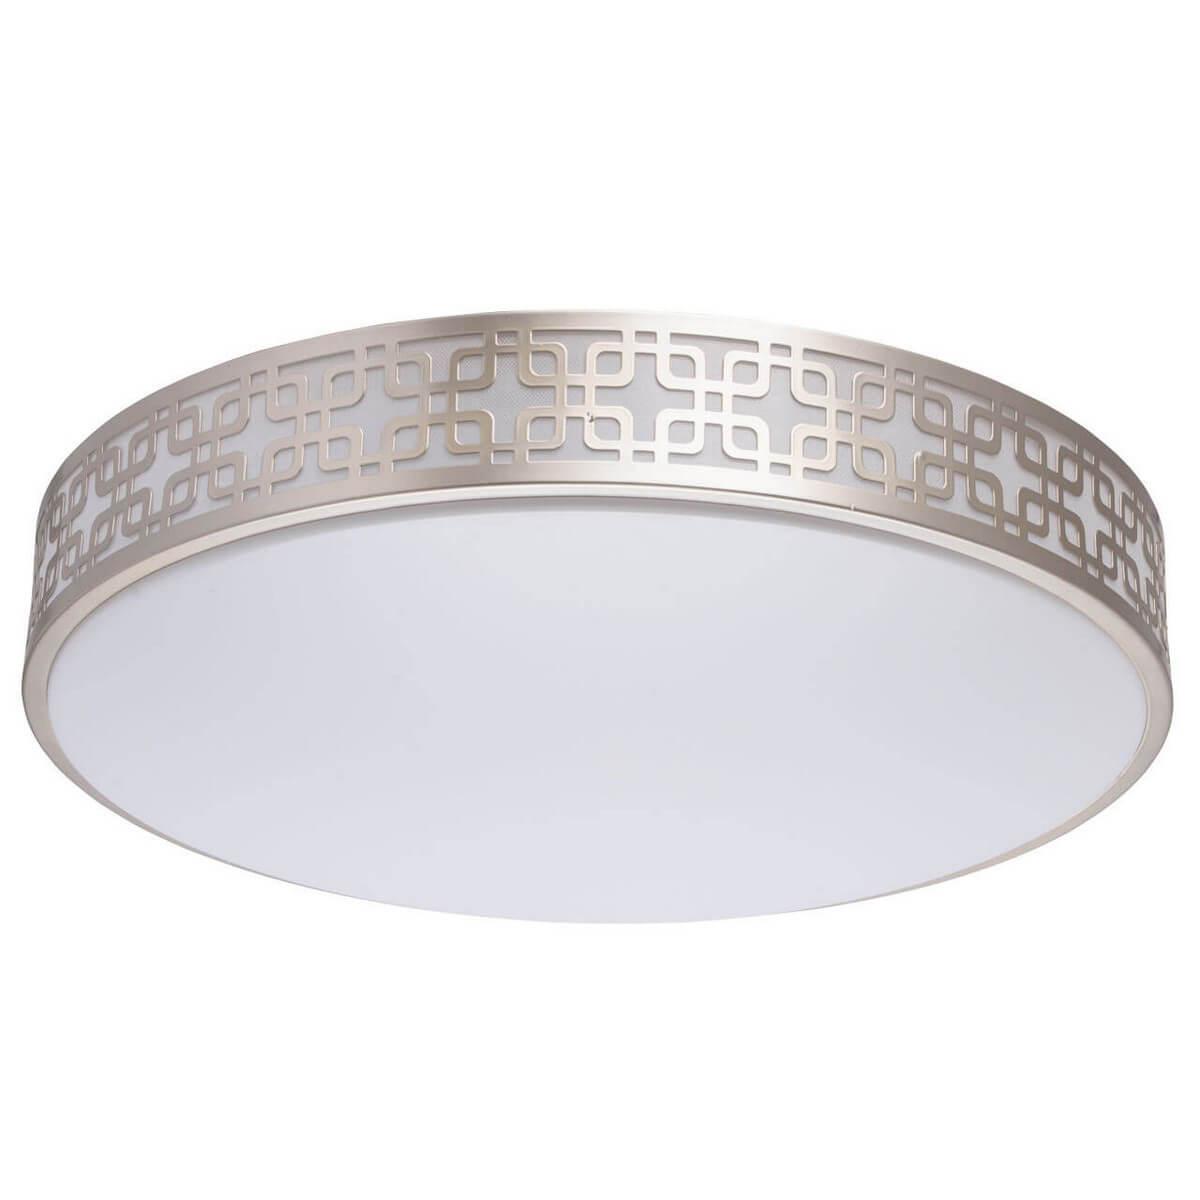 купить Потолочный светодиодный светильник ДУ MW-Light Ривз 12 674015501 дешево